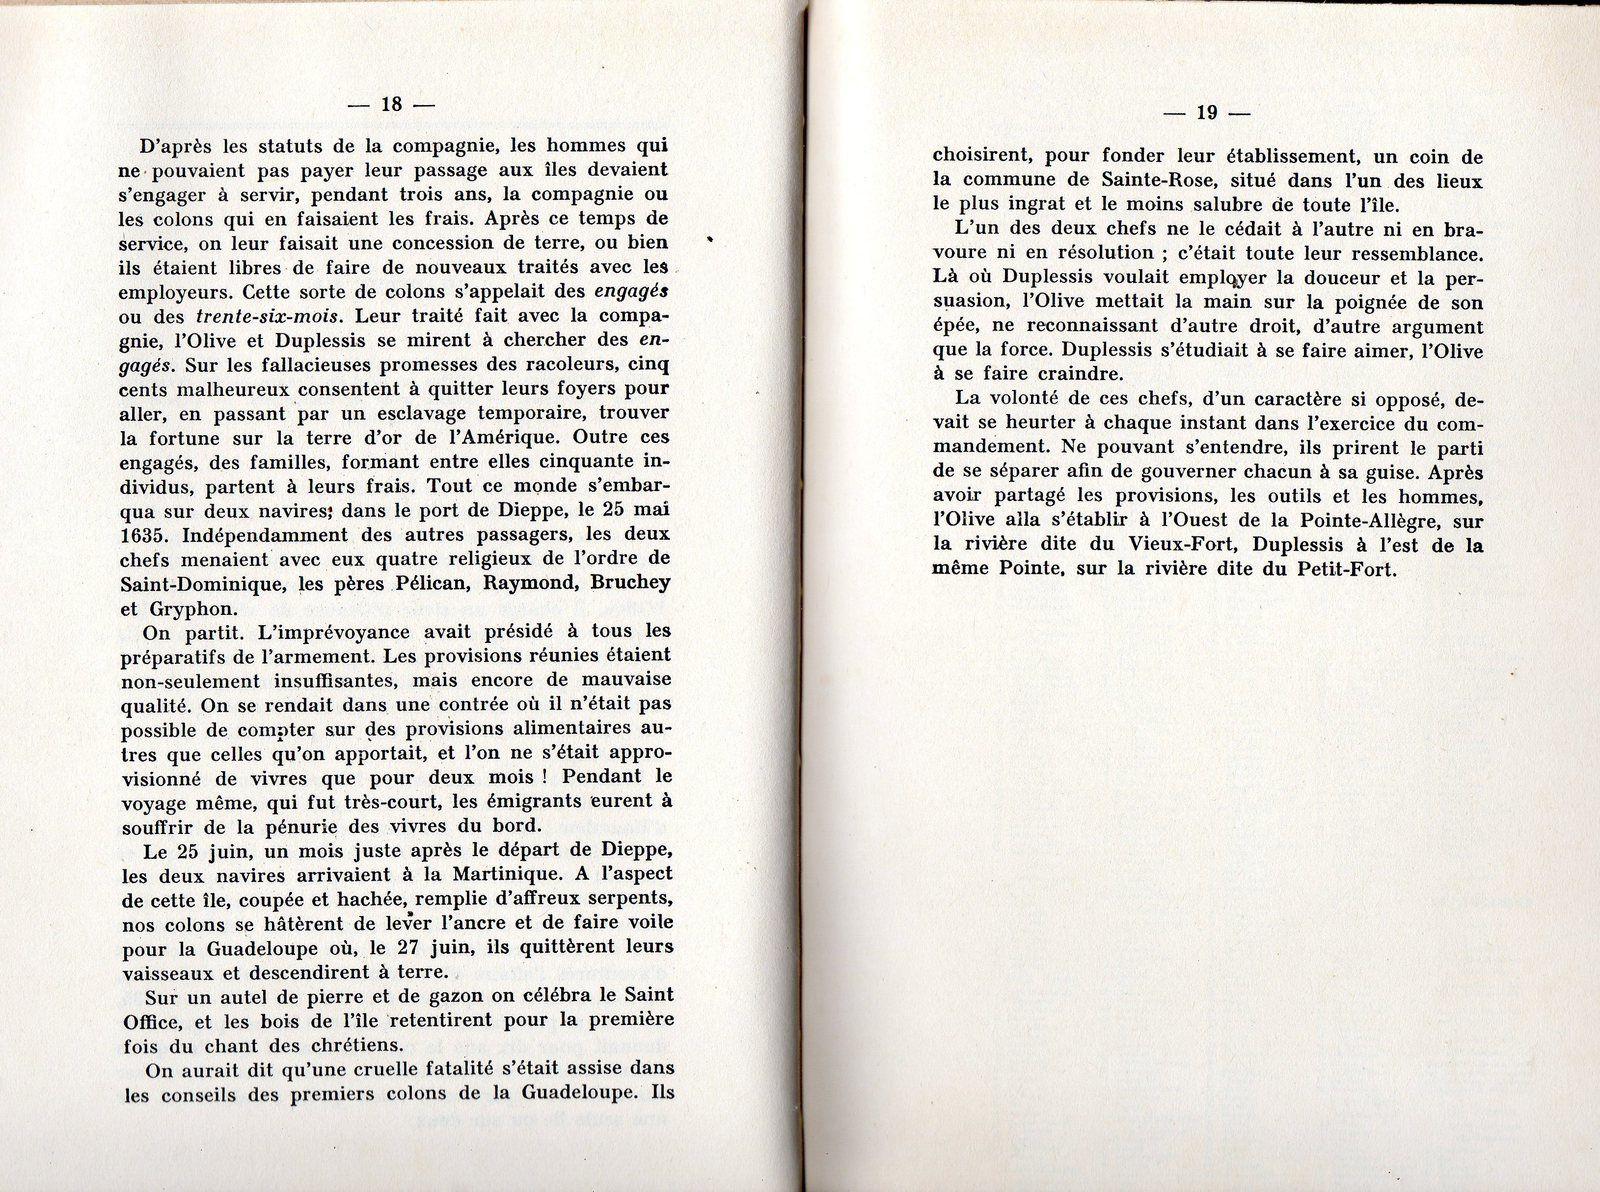 Histoire : Les engagés ( ou 36 mois ) de la Guadeloupe ( documents ).